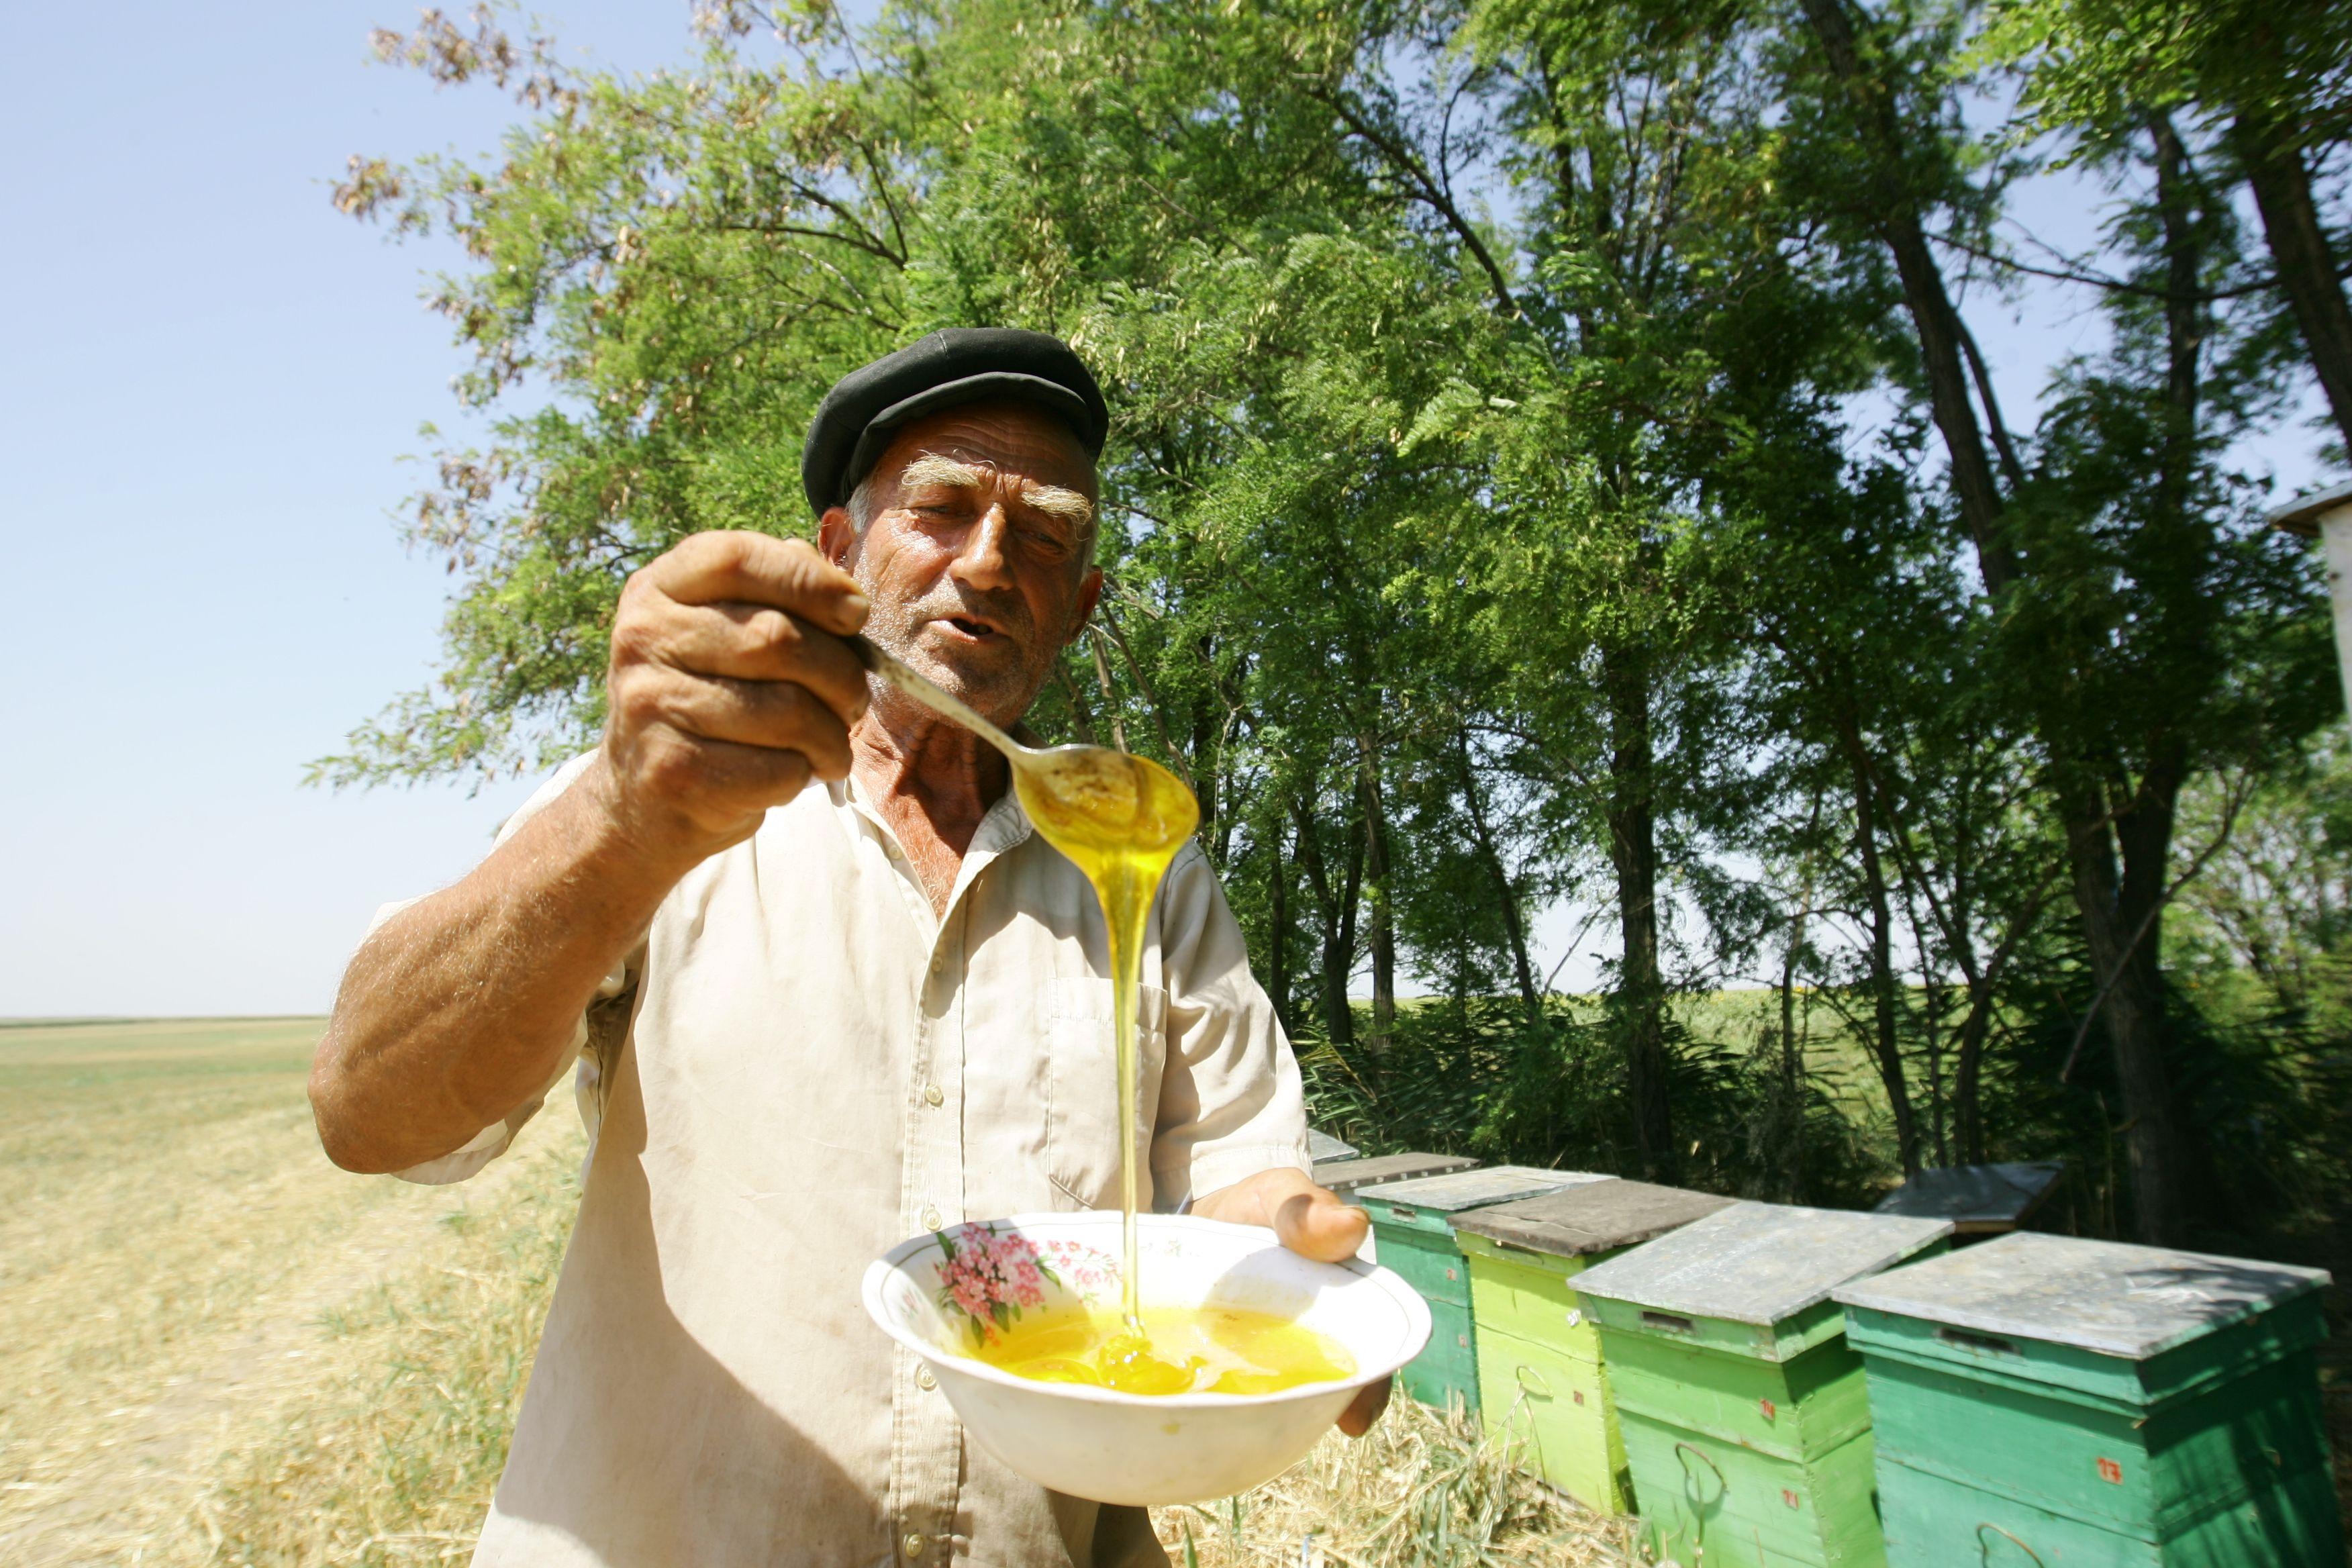 Farmacia din stupul de albine. La ce ajută polenul, lăptișorul și propolisul